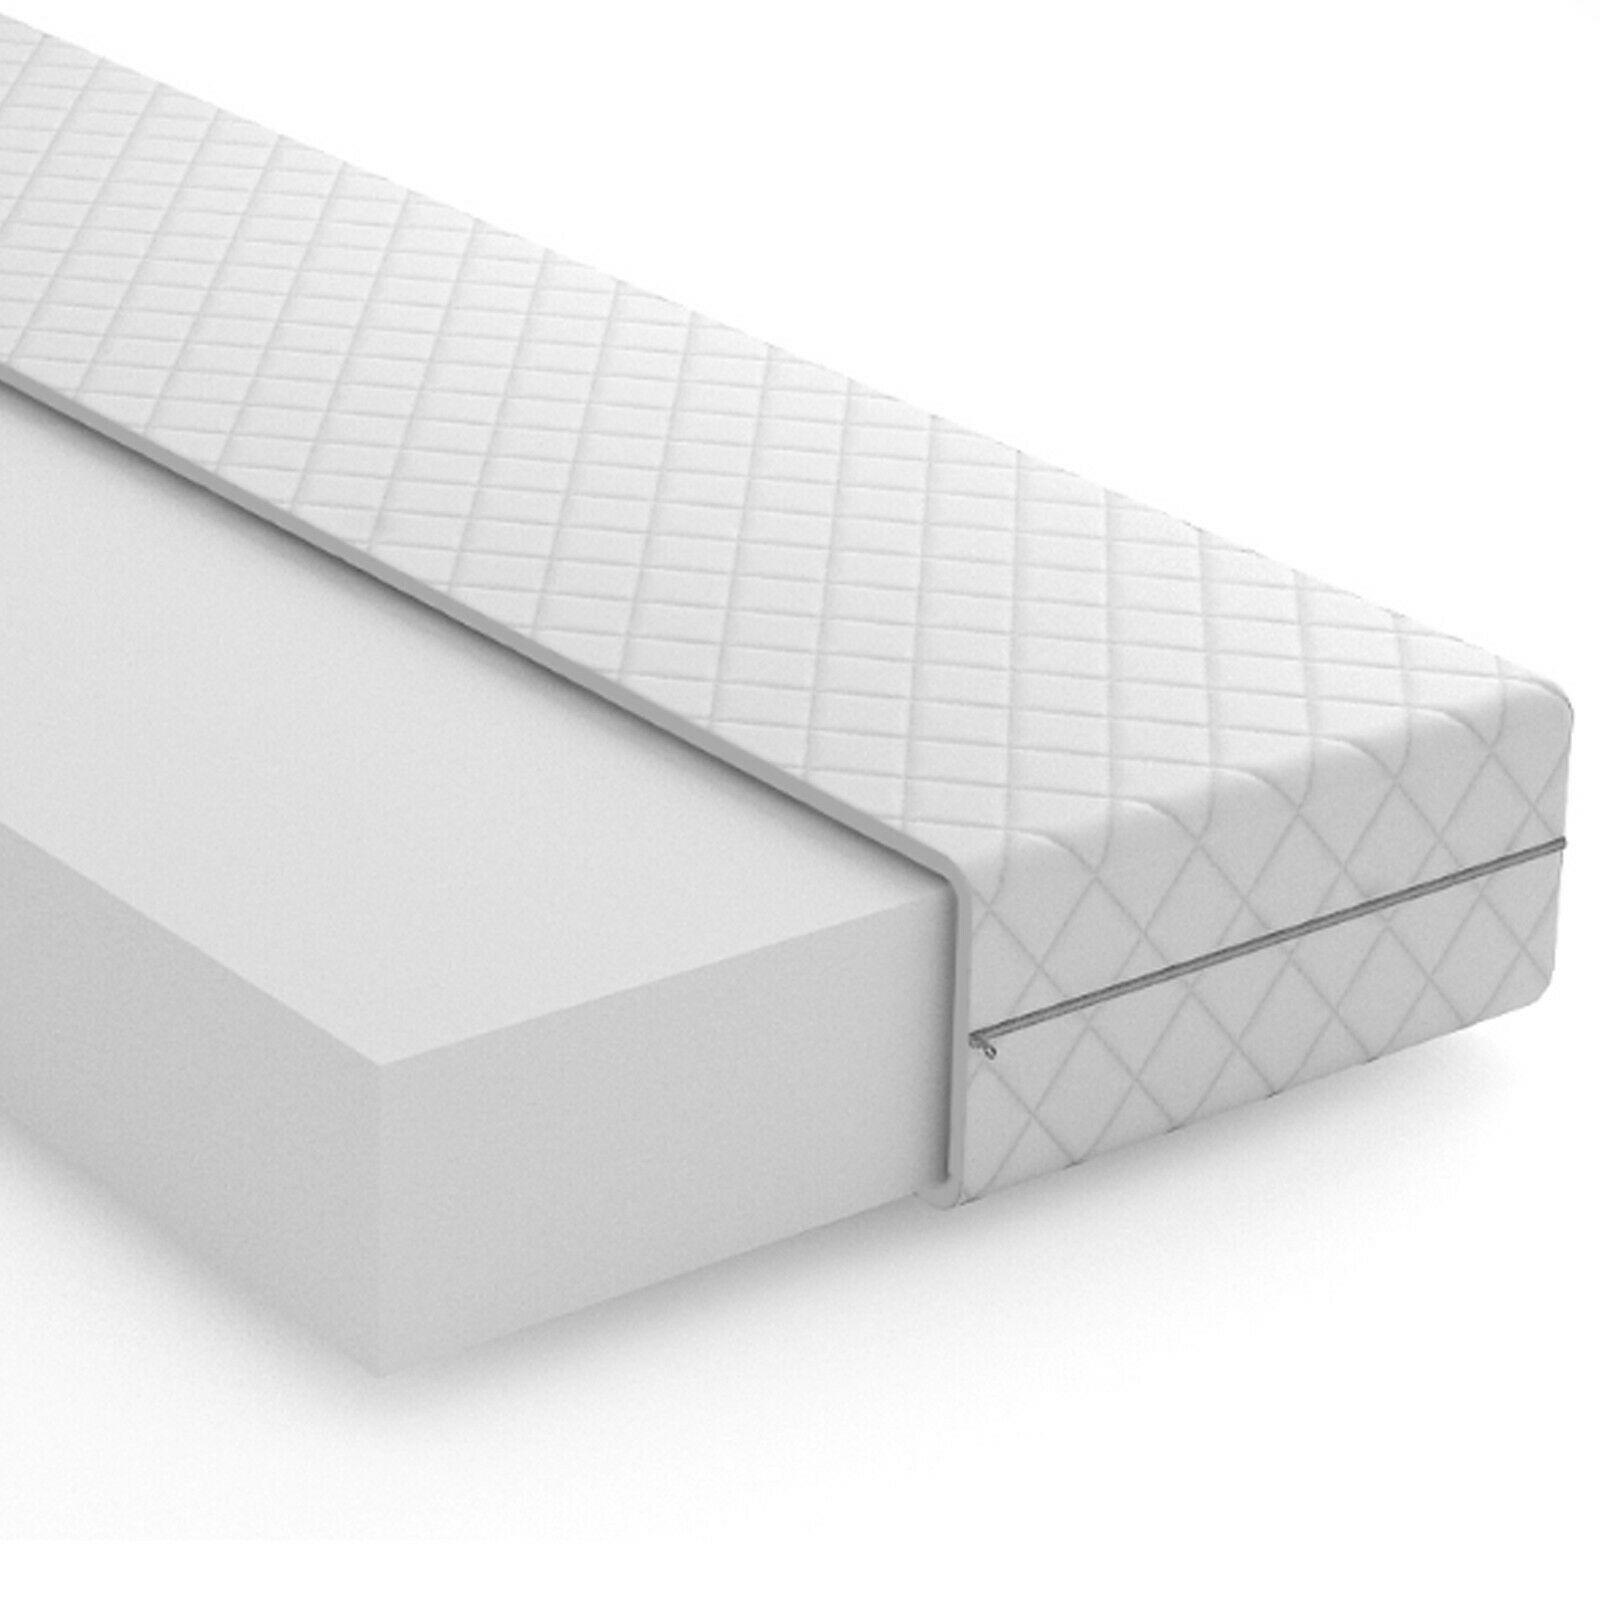 een doorsnede van een koudschuim matras